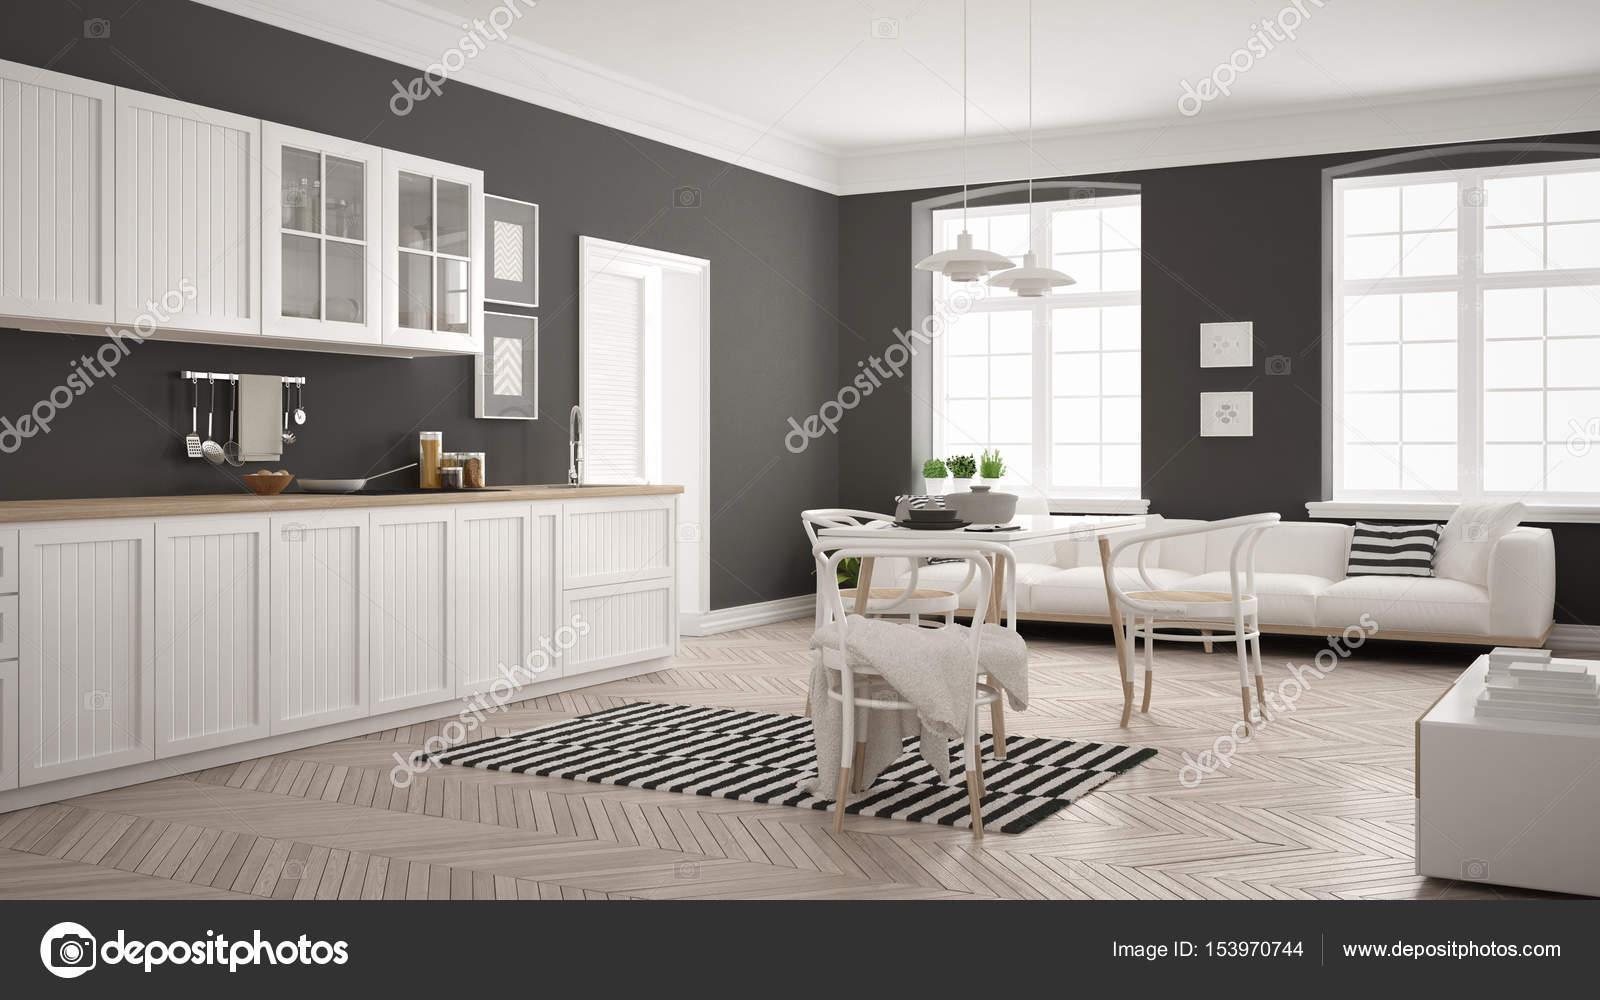 Minimalistische moderne keuken met eettafel en salon whi